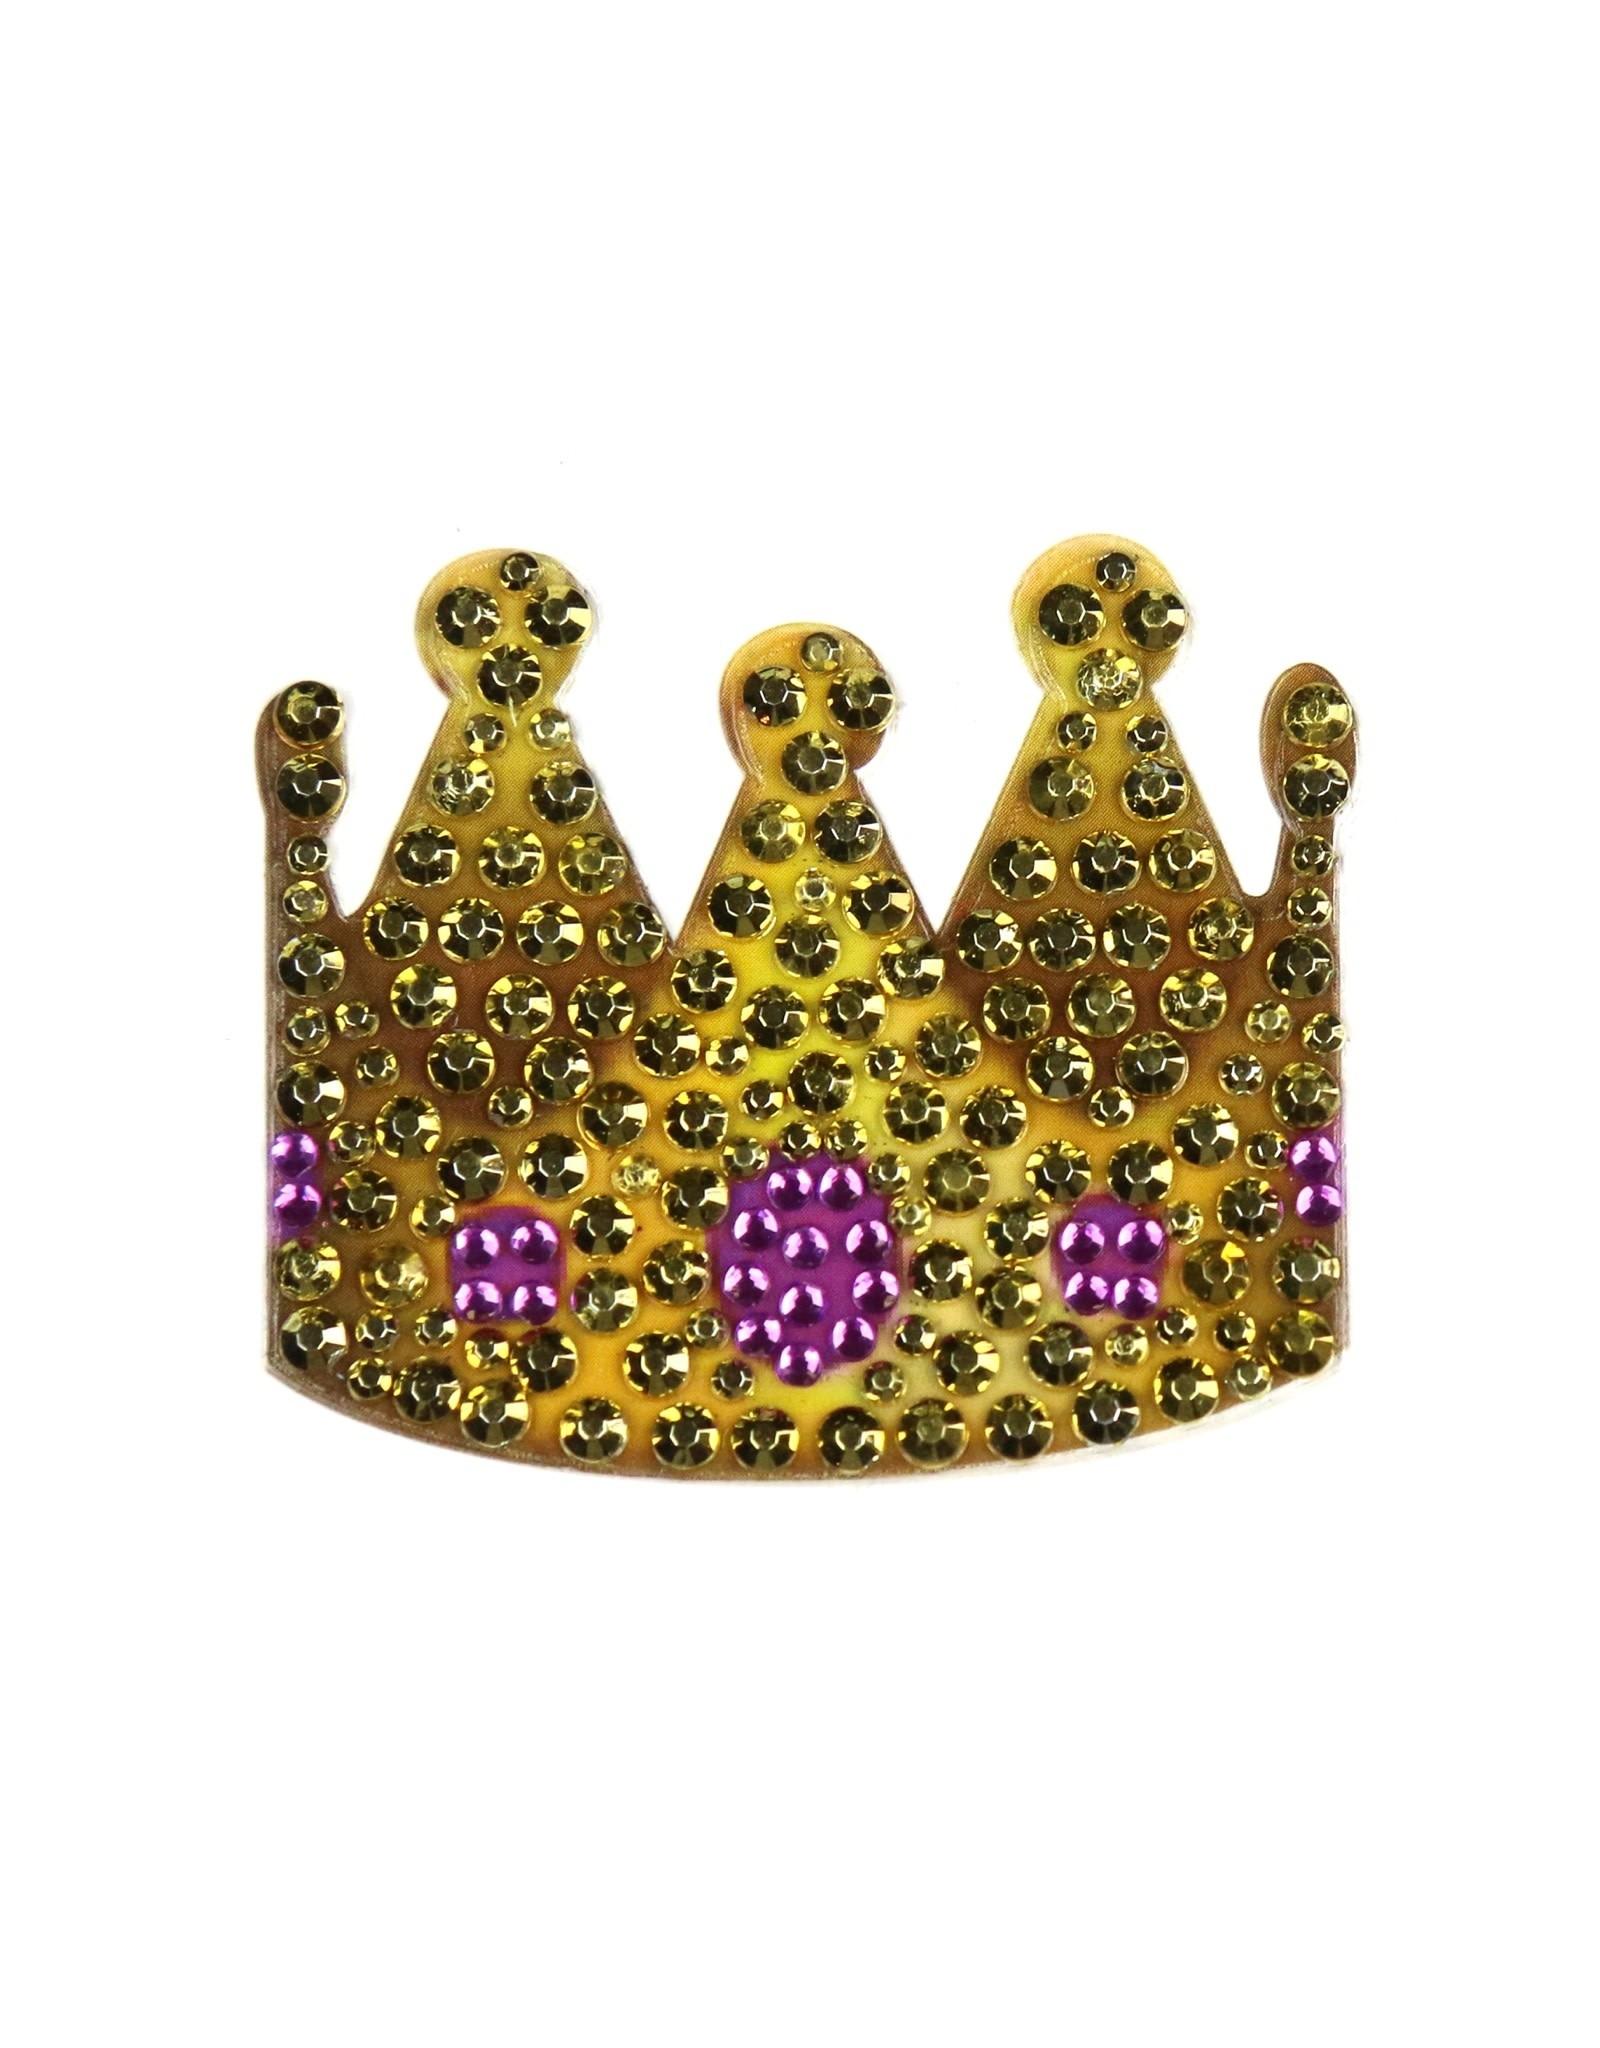 Sticker Beans Crown